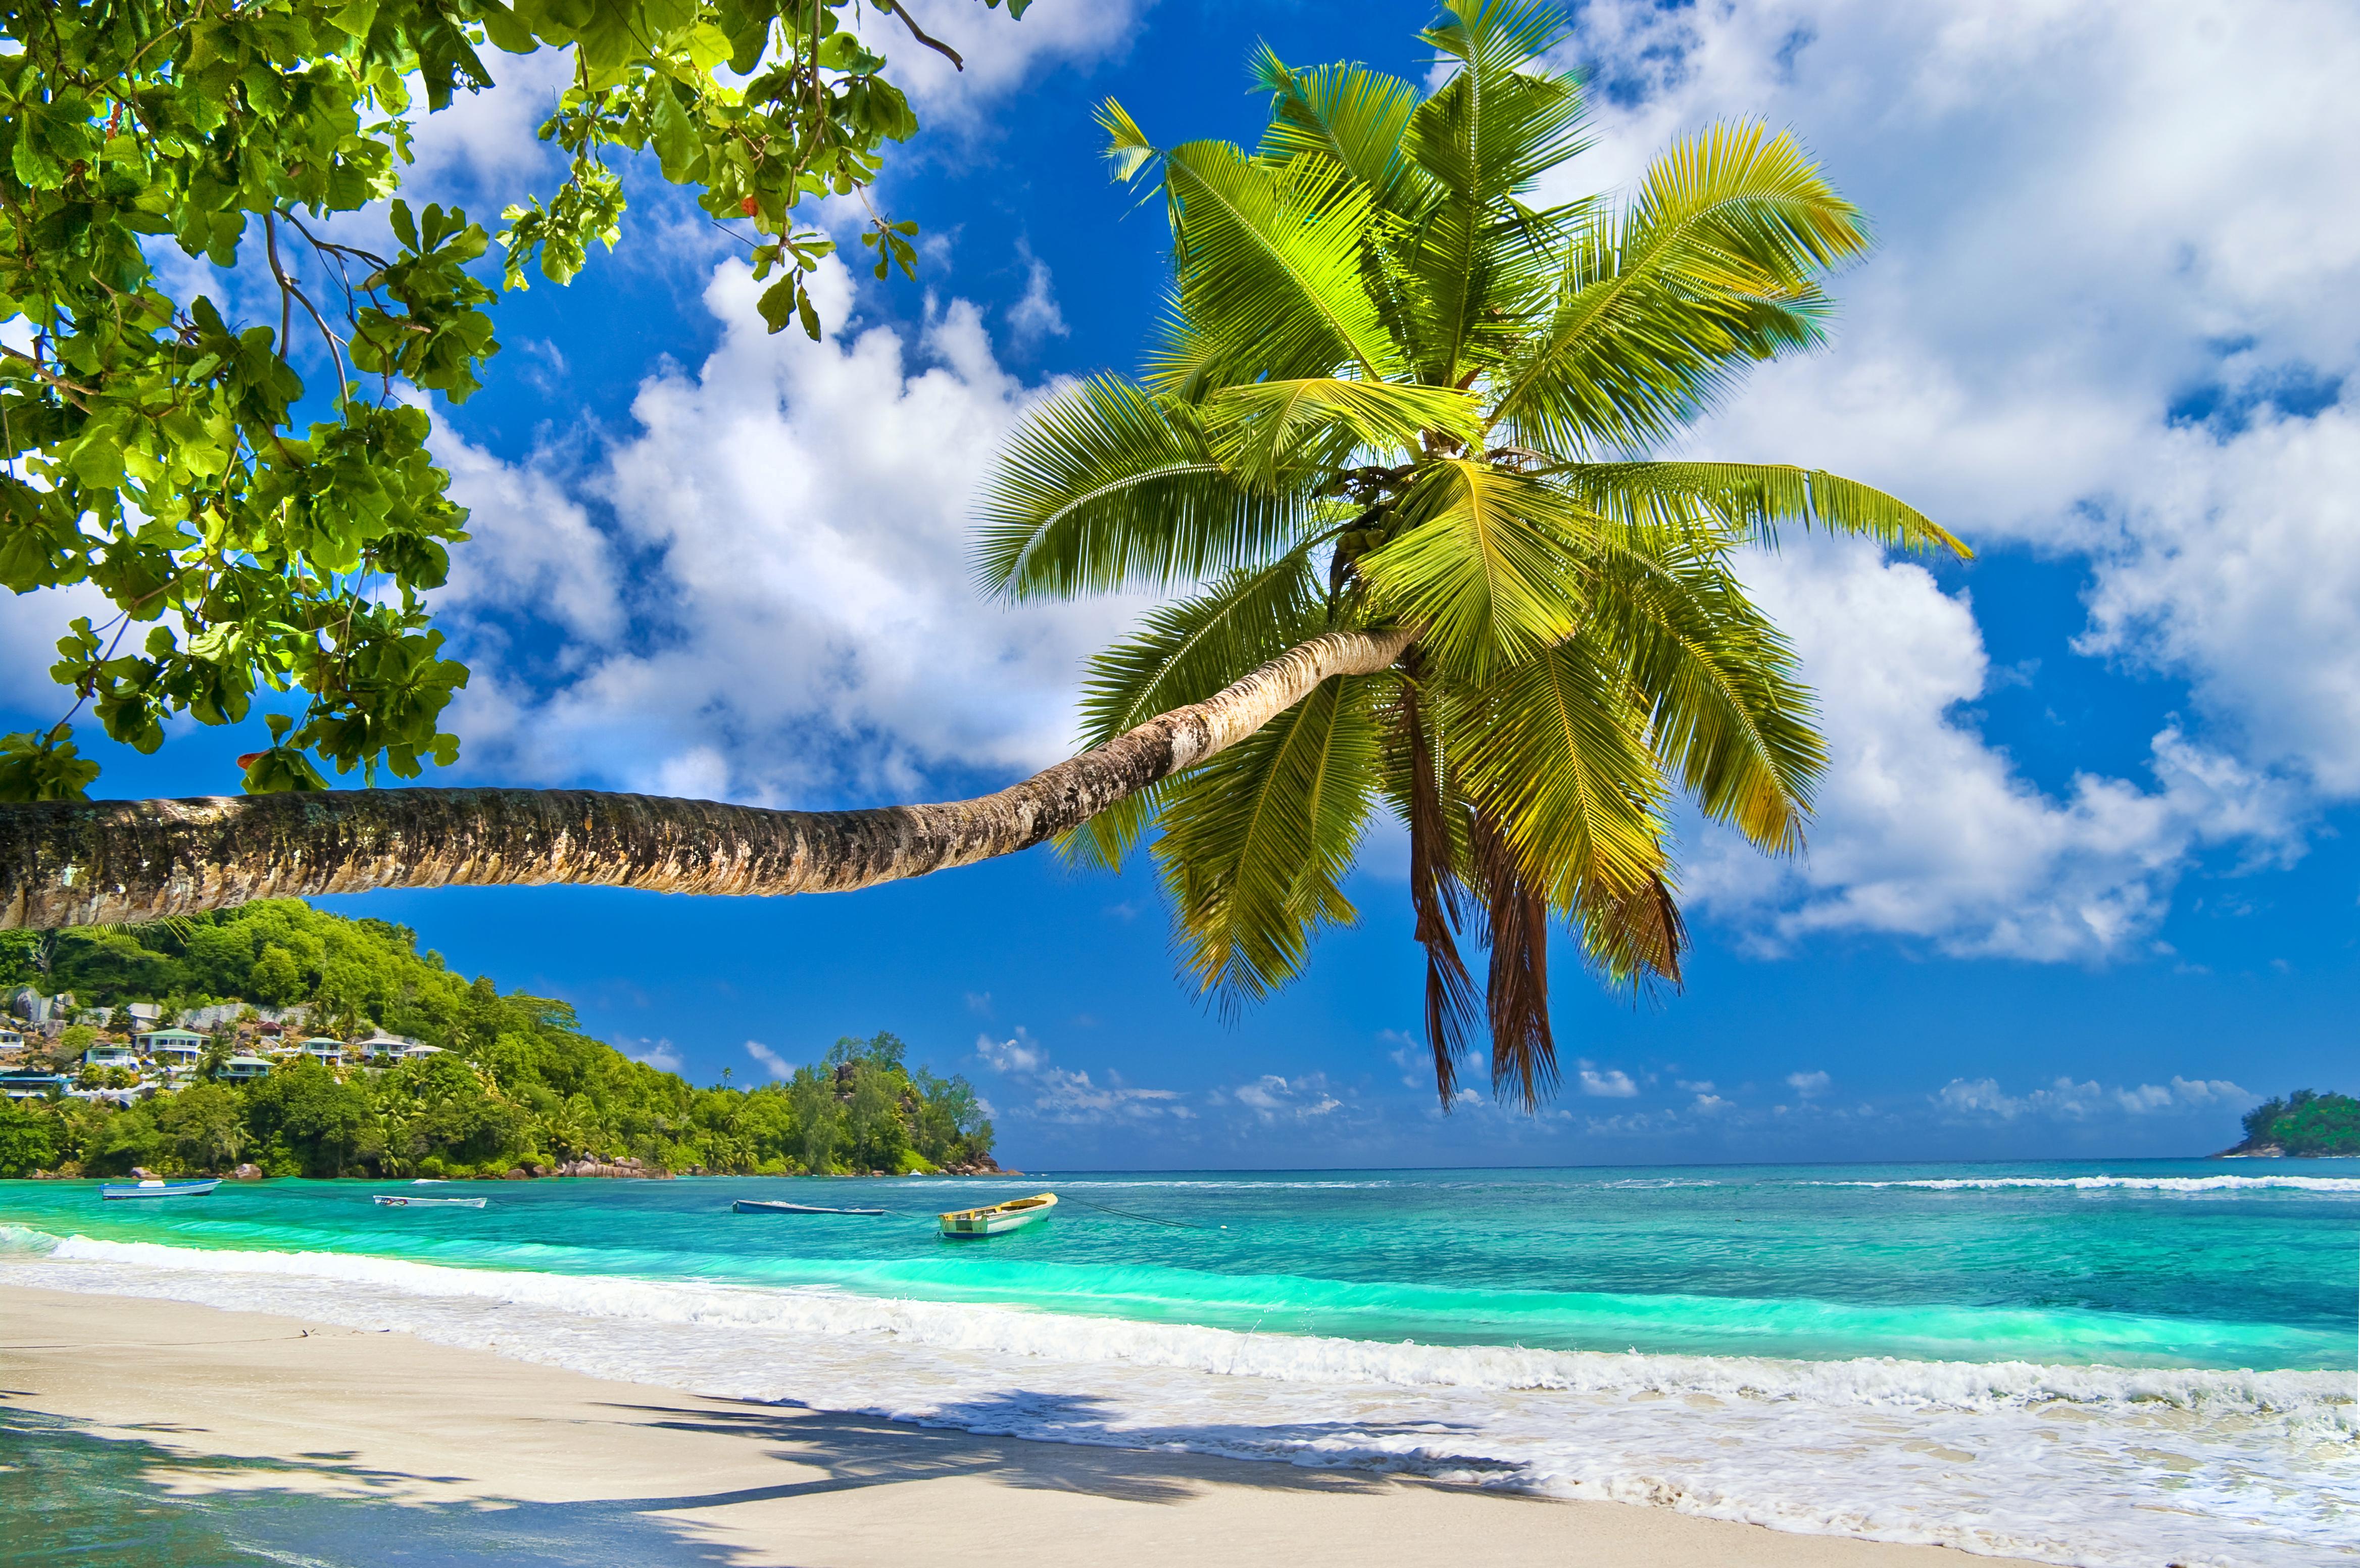 мои картинки пляж большое разрешение голубой